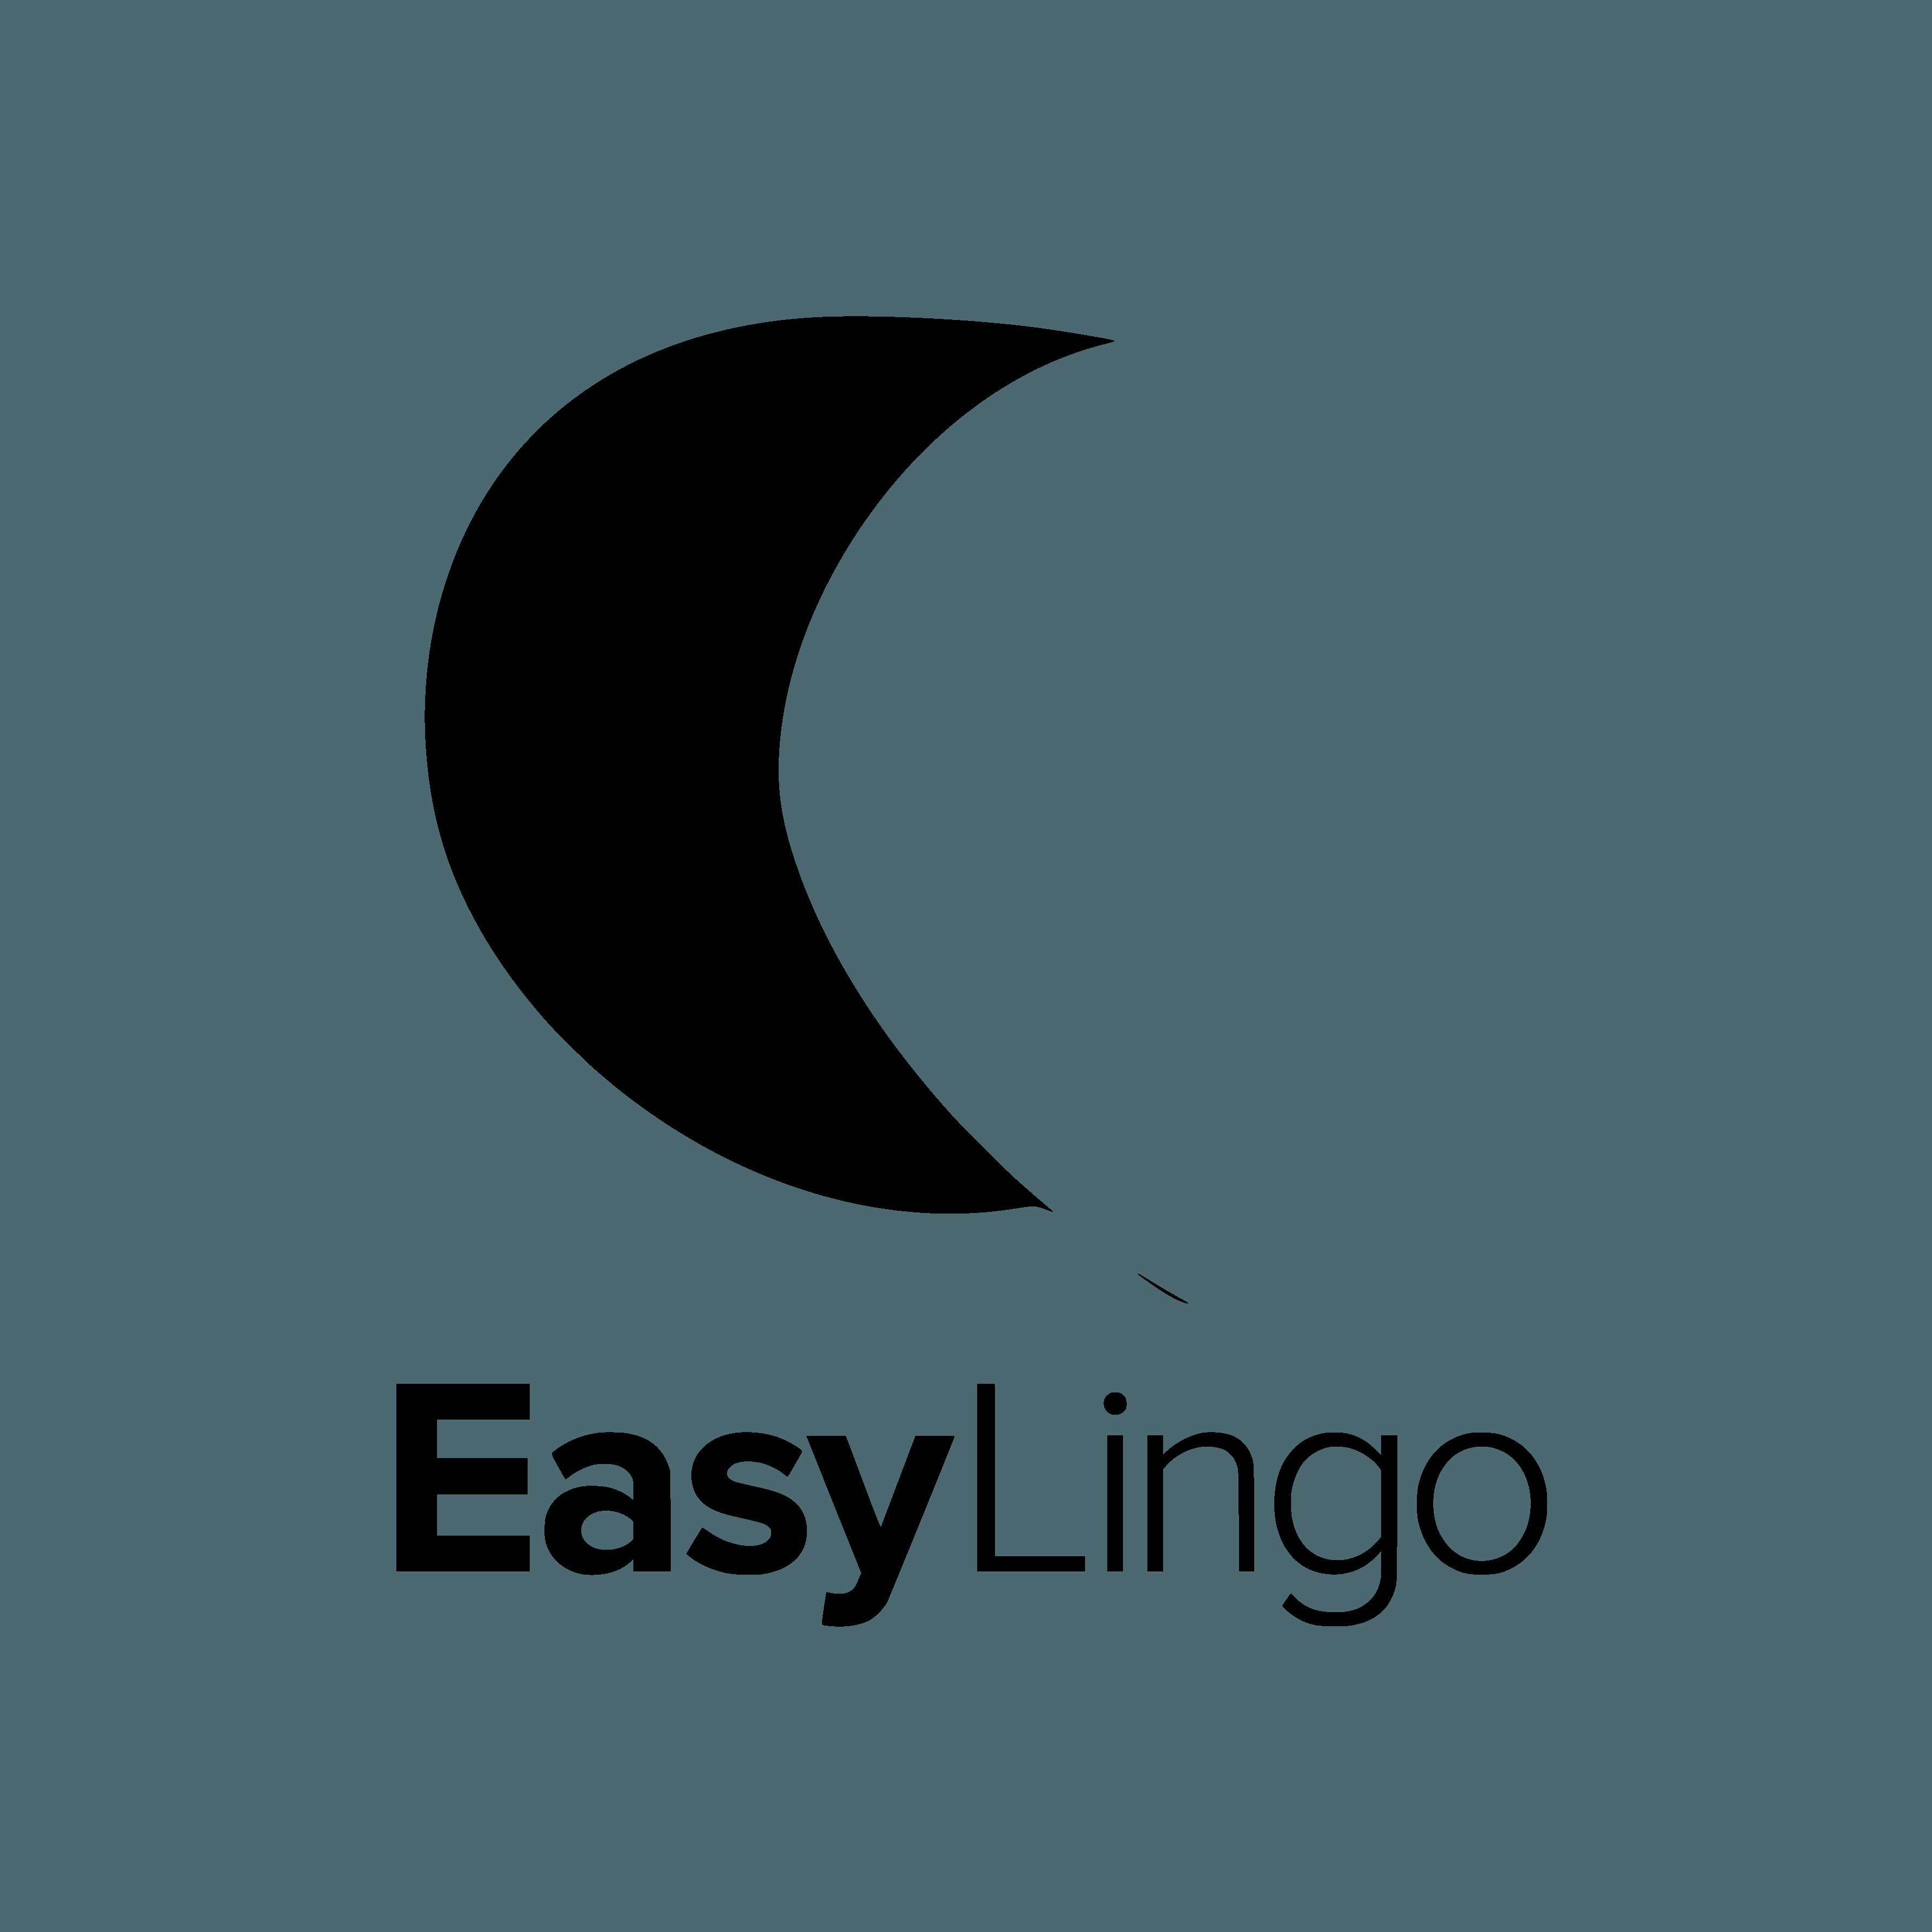 Easylingo coupon code